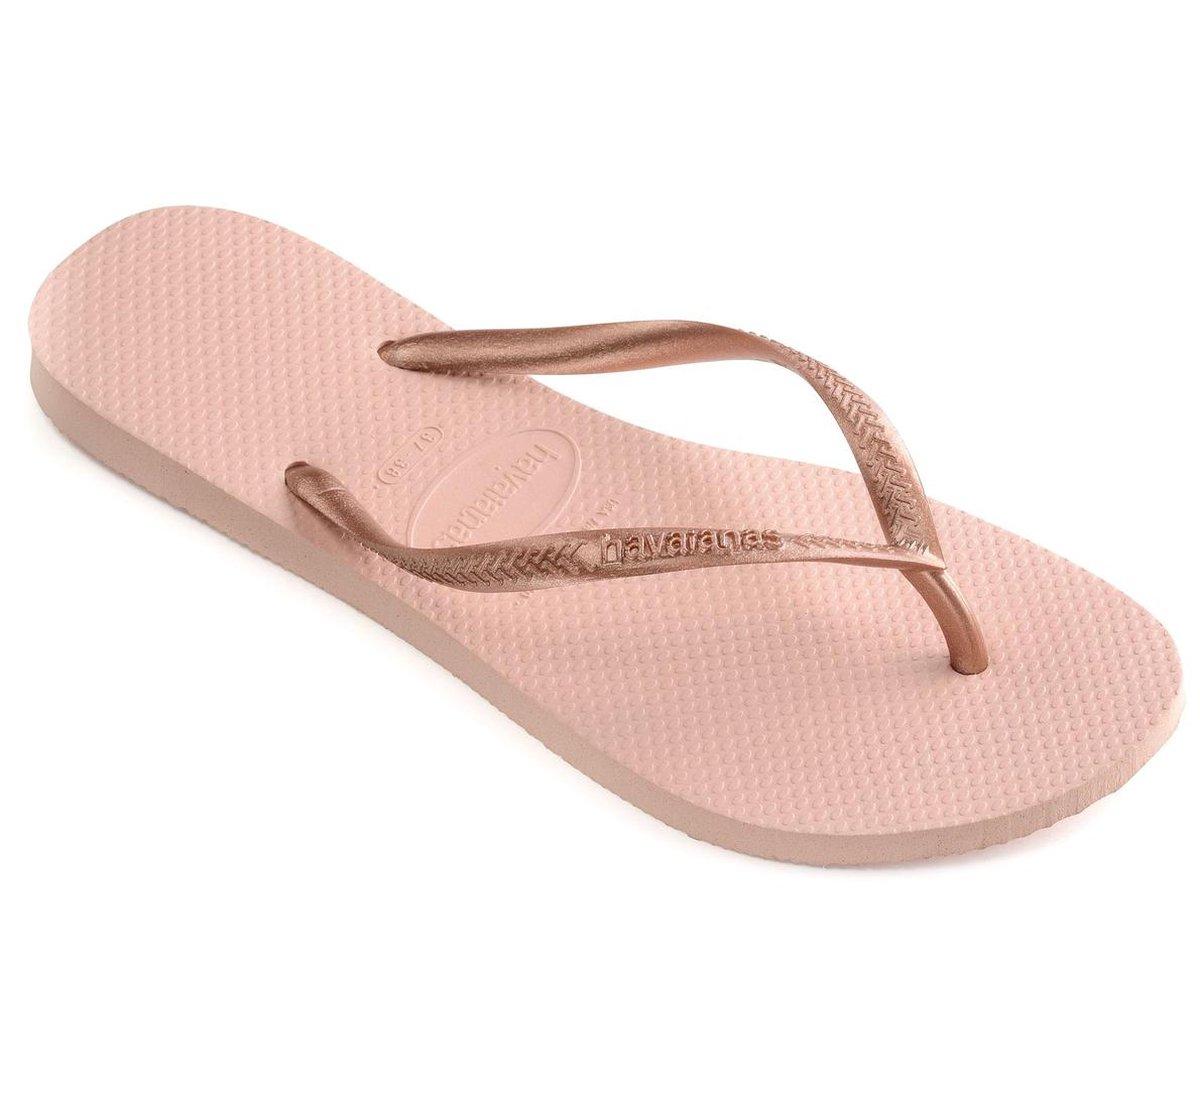 Havaianas Slim Dames Slippers - Ballet Rose - Maat 41/42